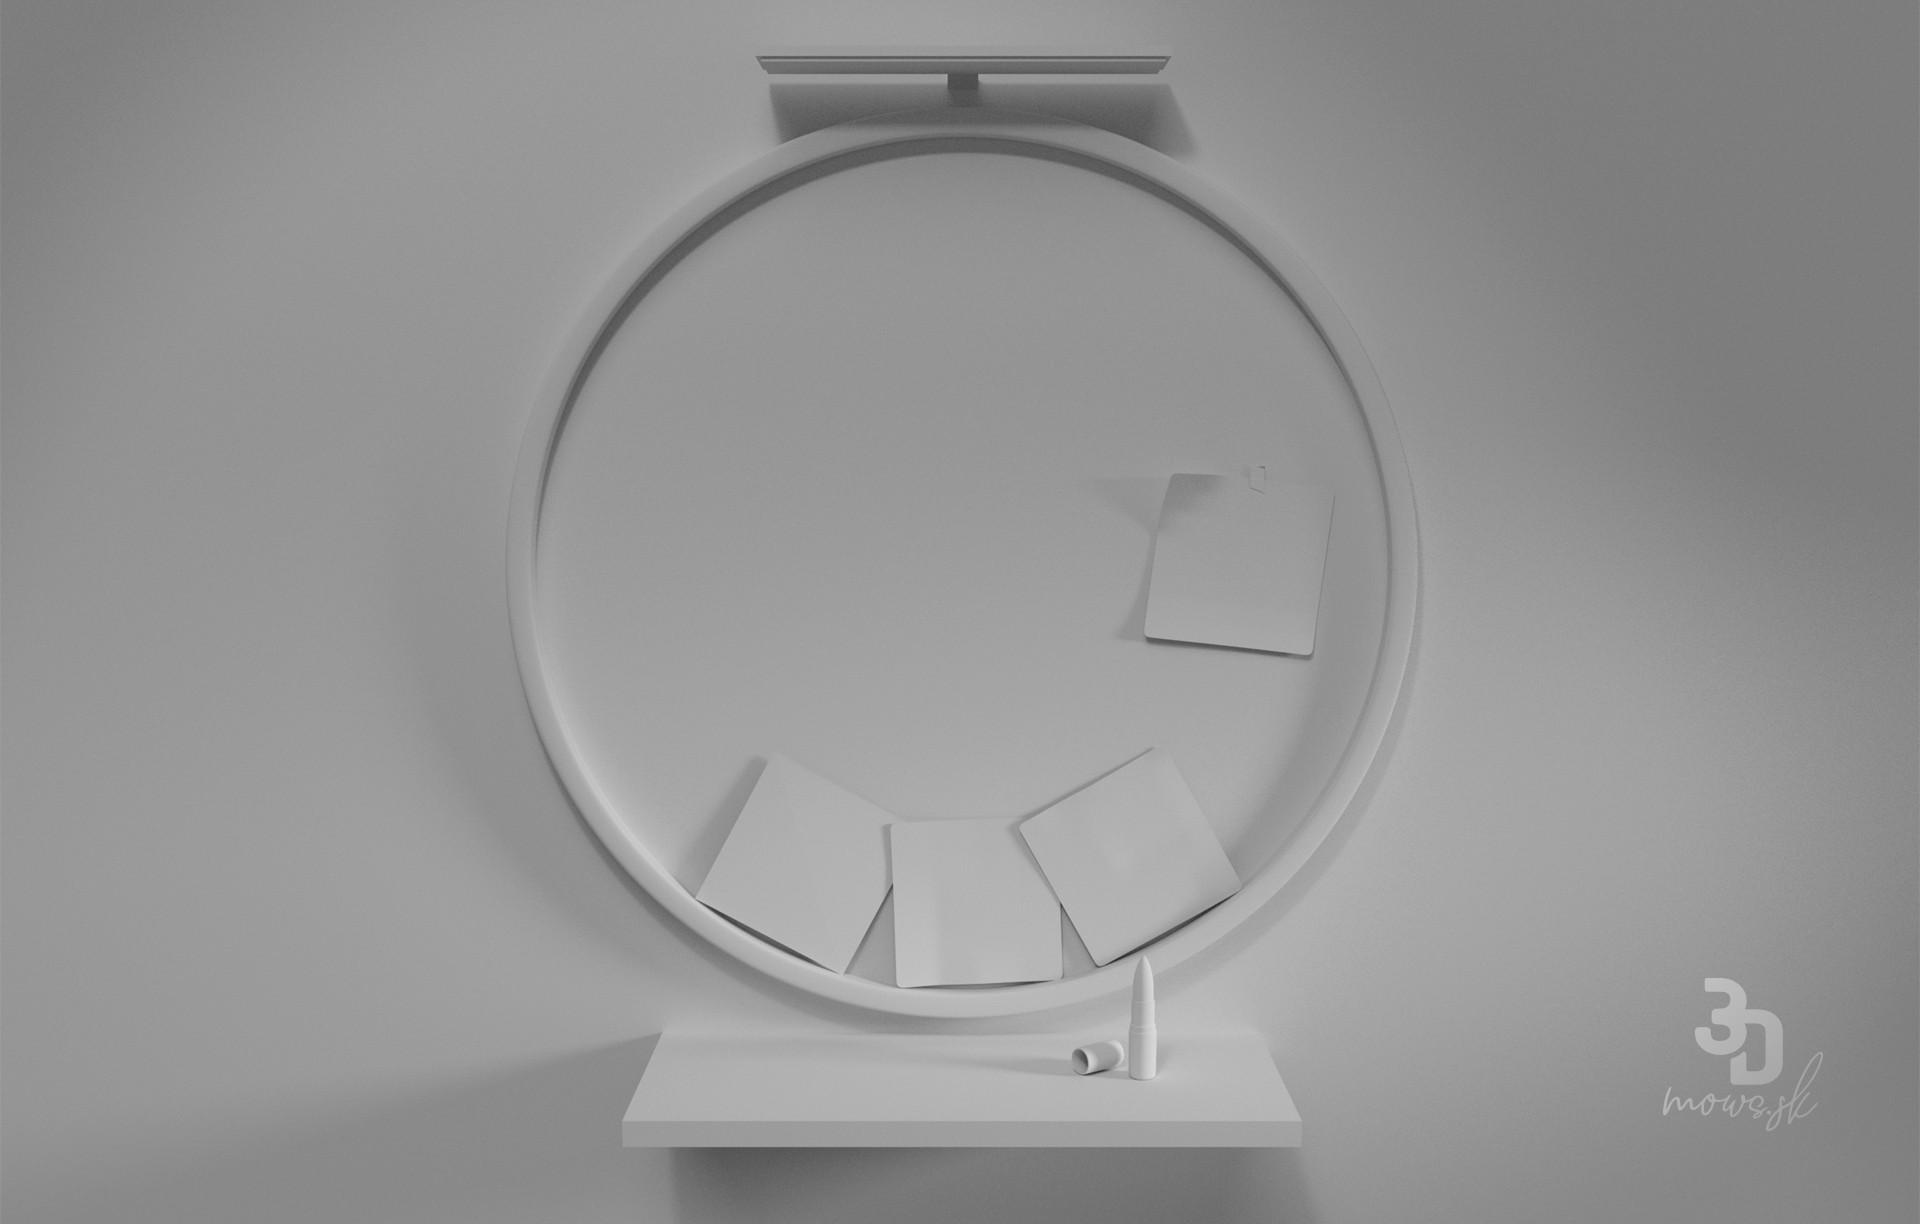 3D model časti kúpeľne a okrúhleho zrkadla